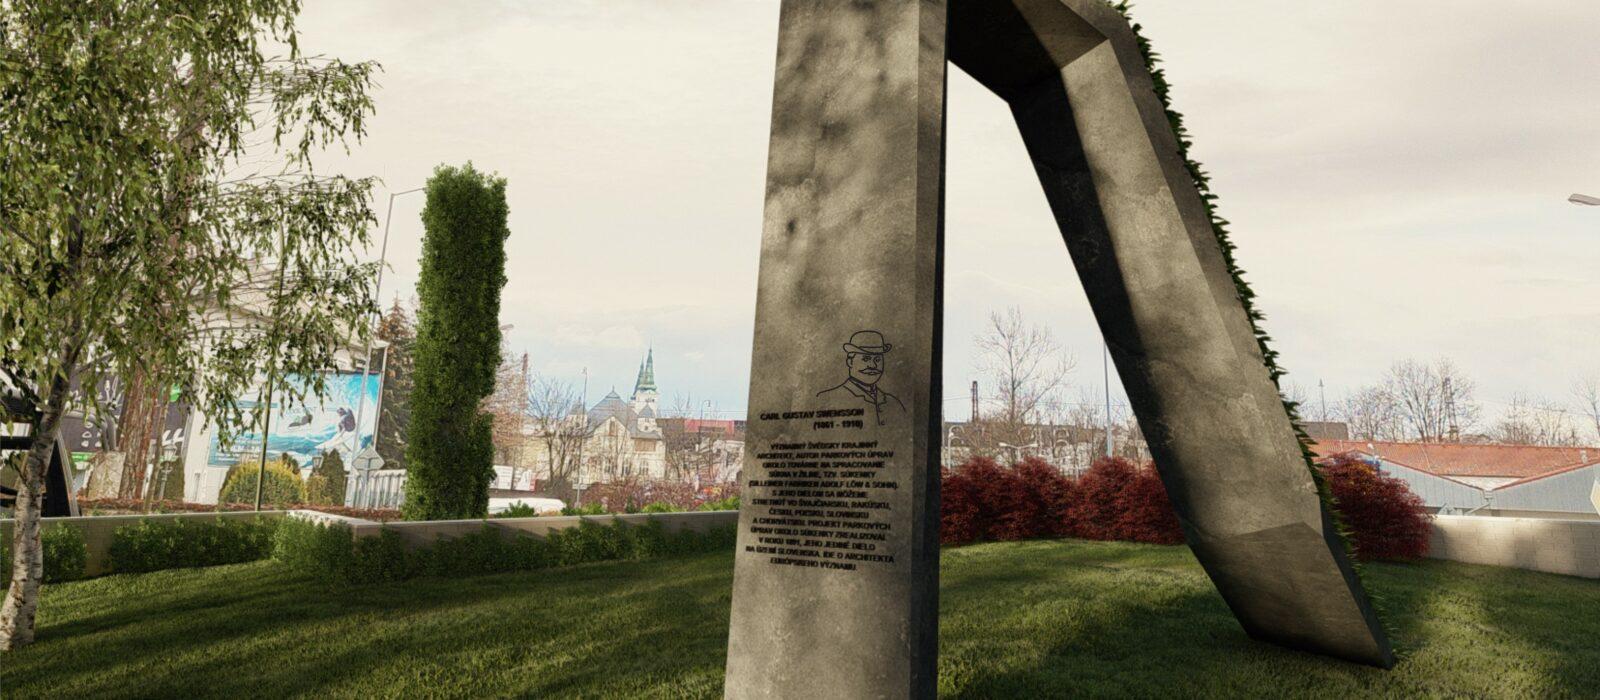 Carl Gustav Swensson Memorial in Žilina